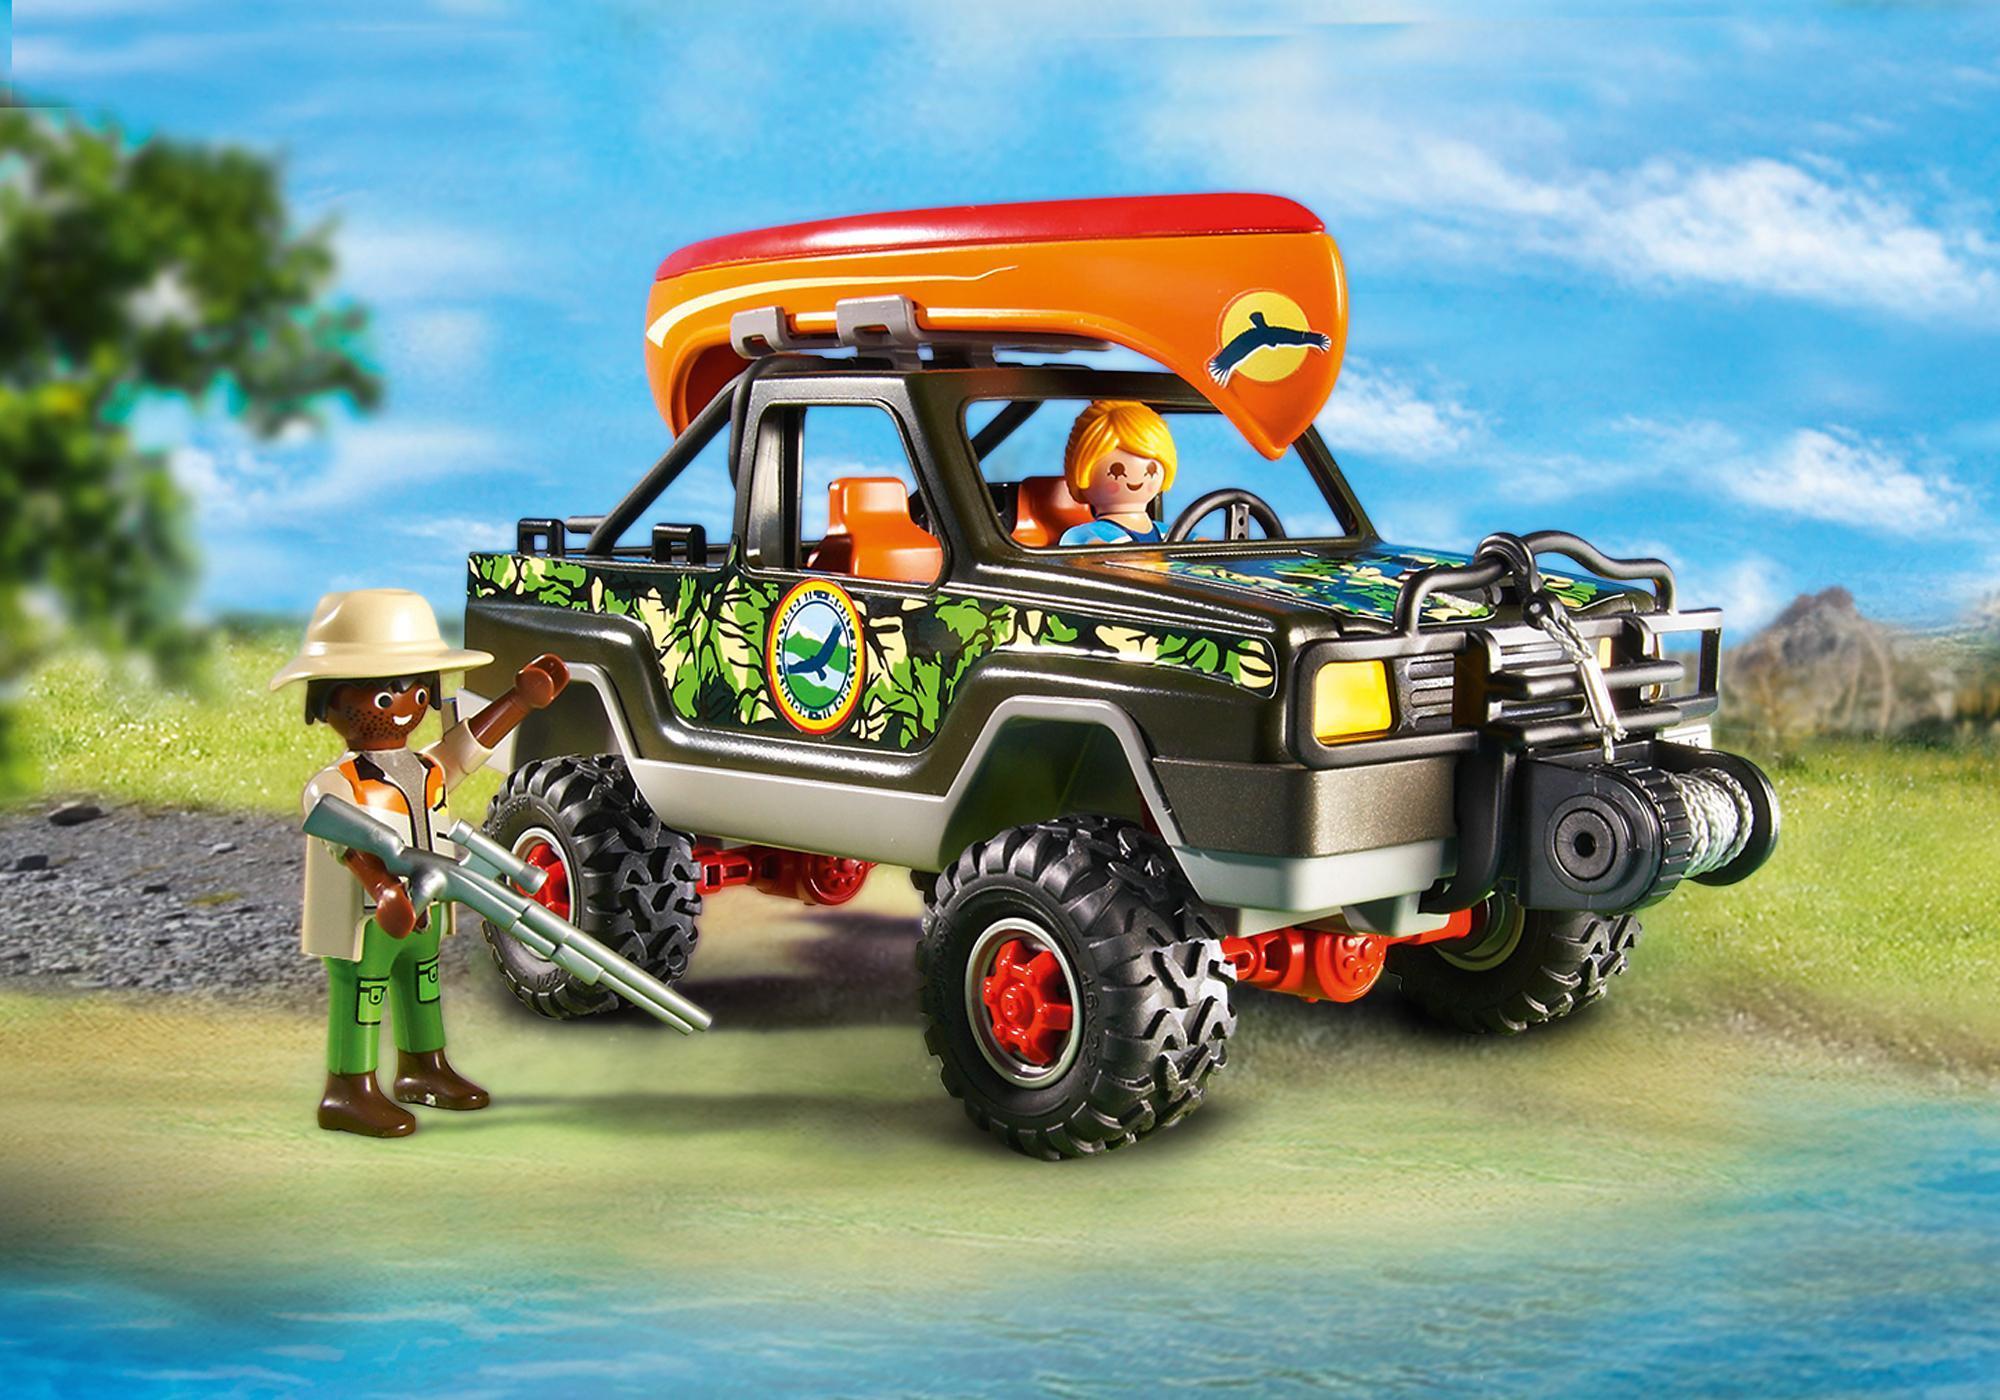 http://media.playmobil.com/i/playmobil/5558_product_extra1/Äventyrspickup